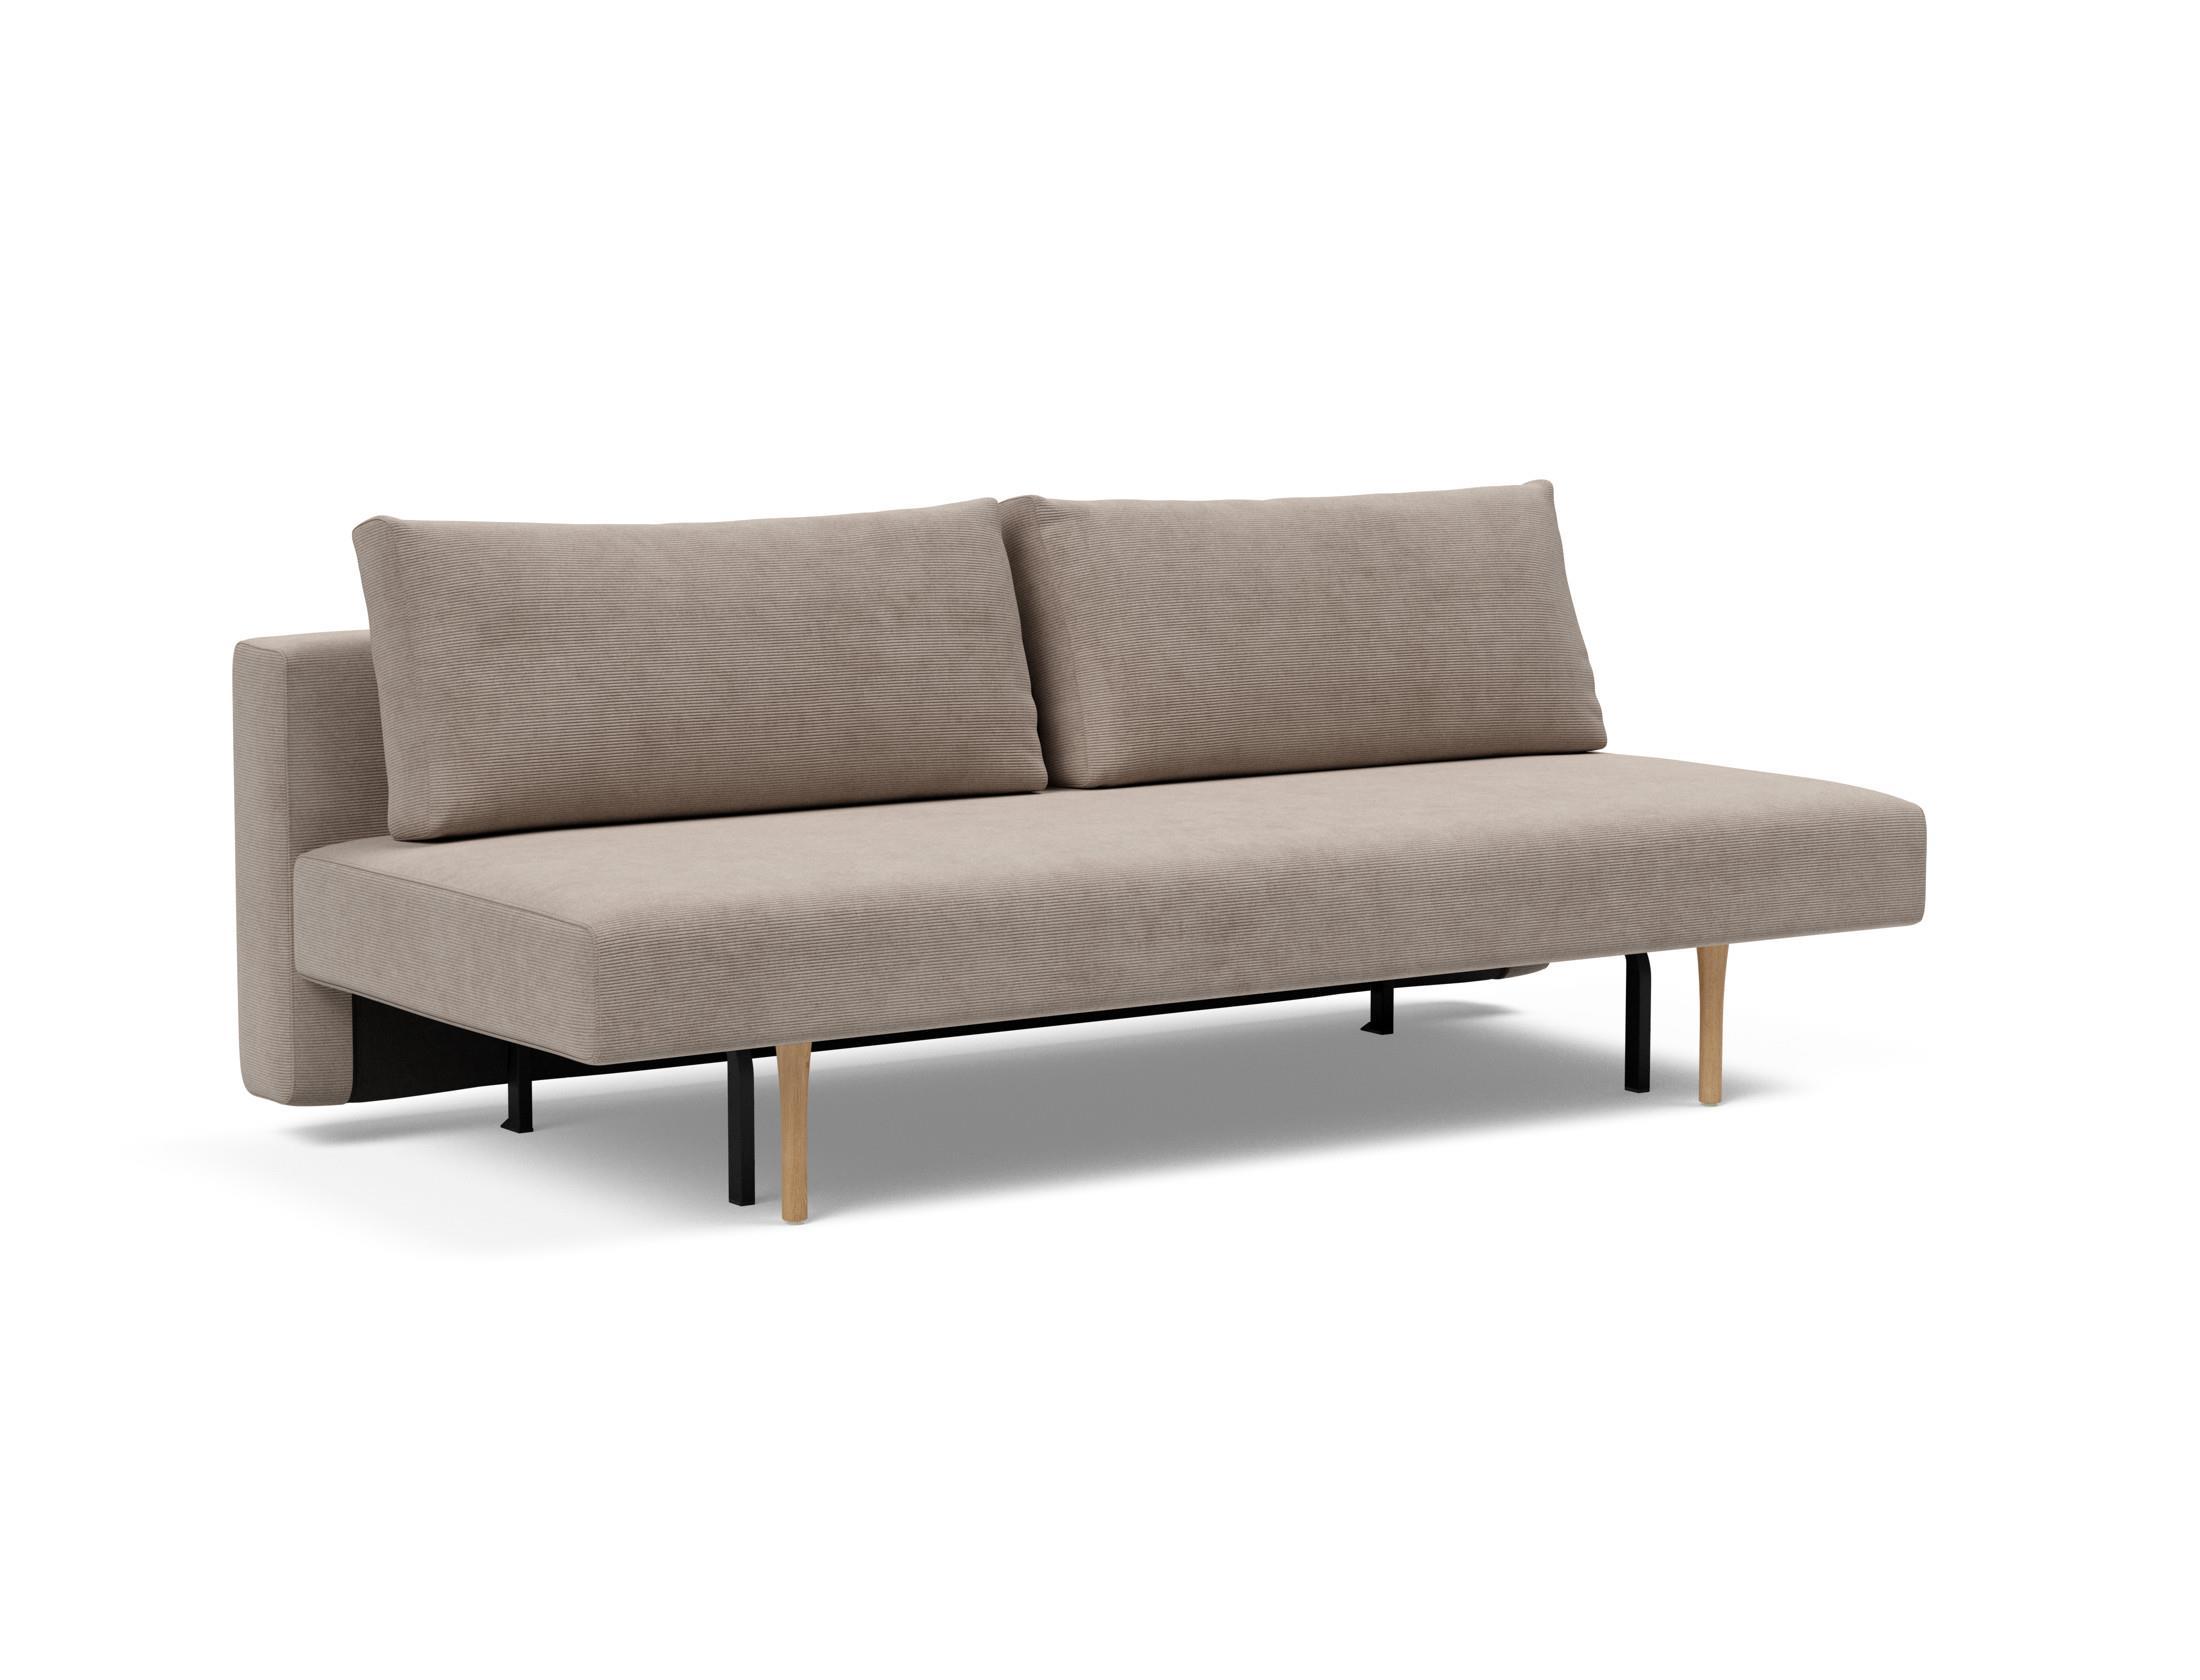 media/image/Conlix-Sofa-Bed-318-p2-webrBI86scQ9jIdn.jpg